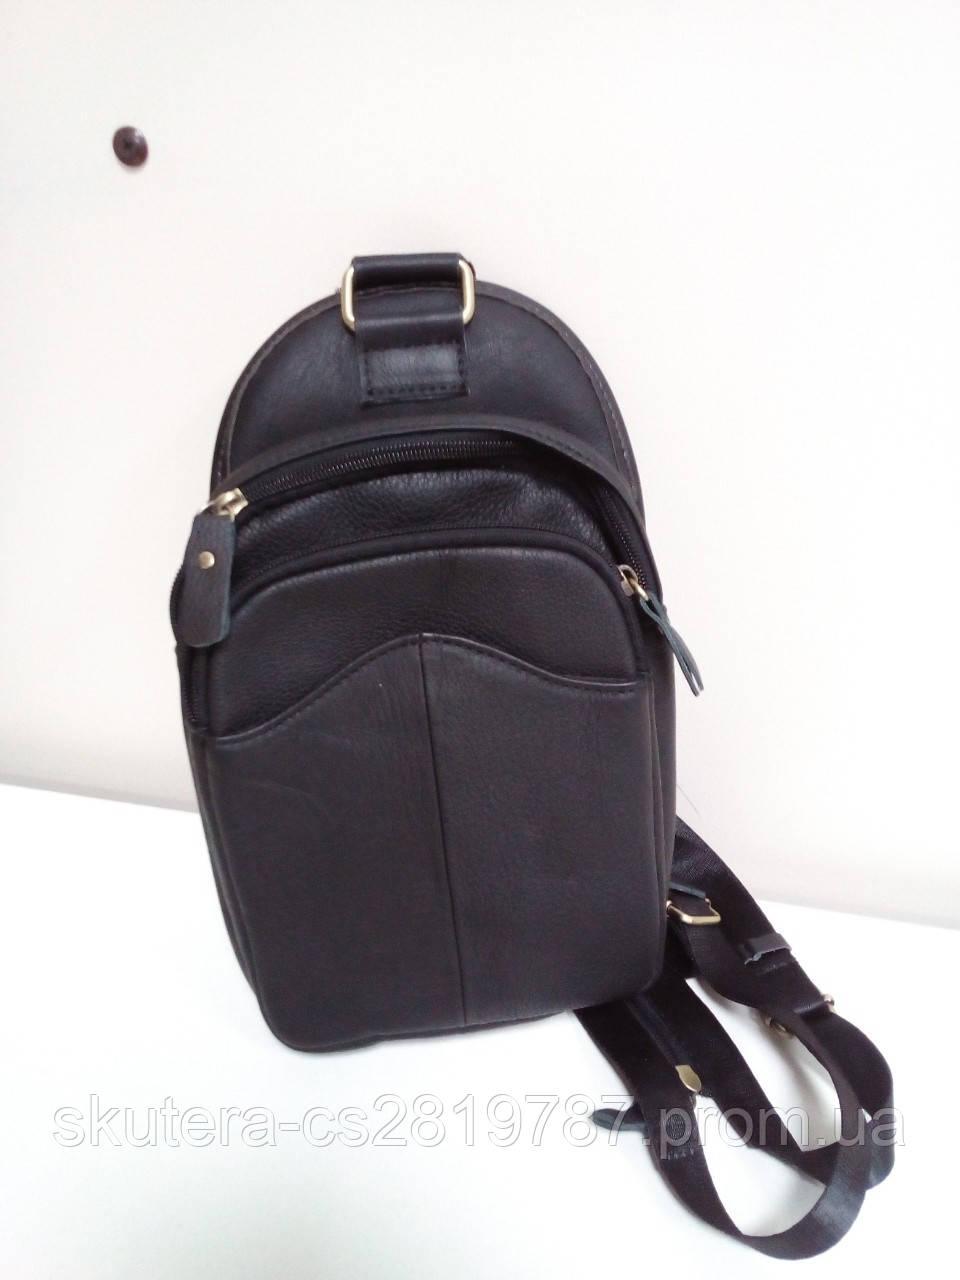 """Мужская кожаная сумка, ранец, рюкзак маленький """"Сан-Диего"""""""